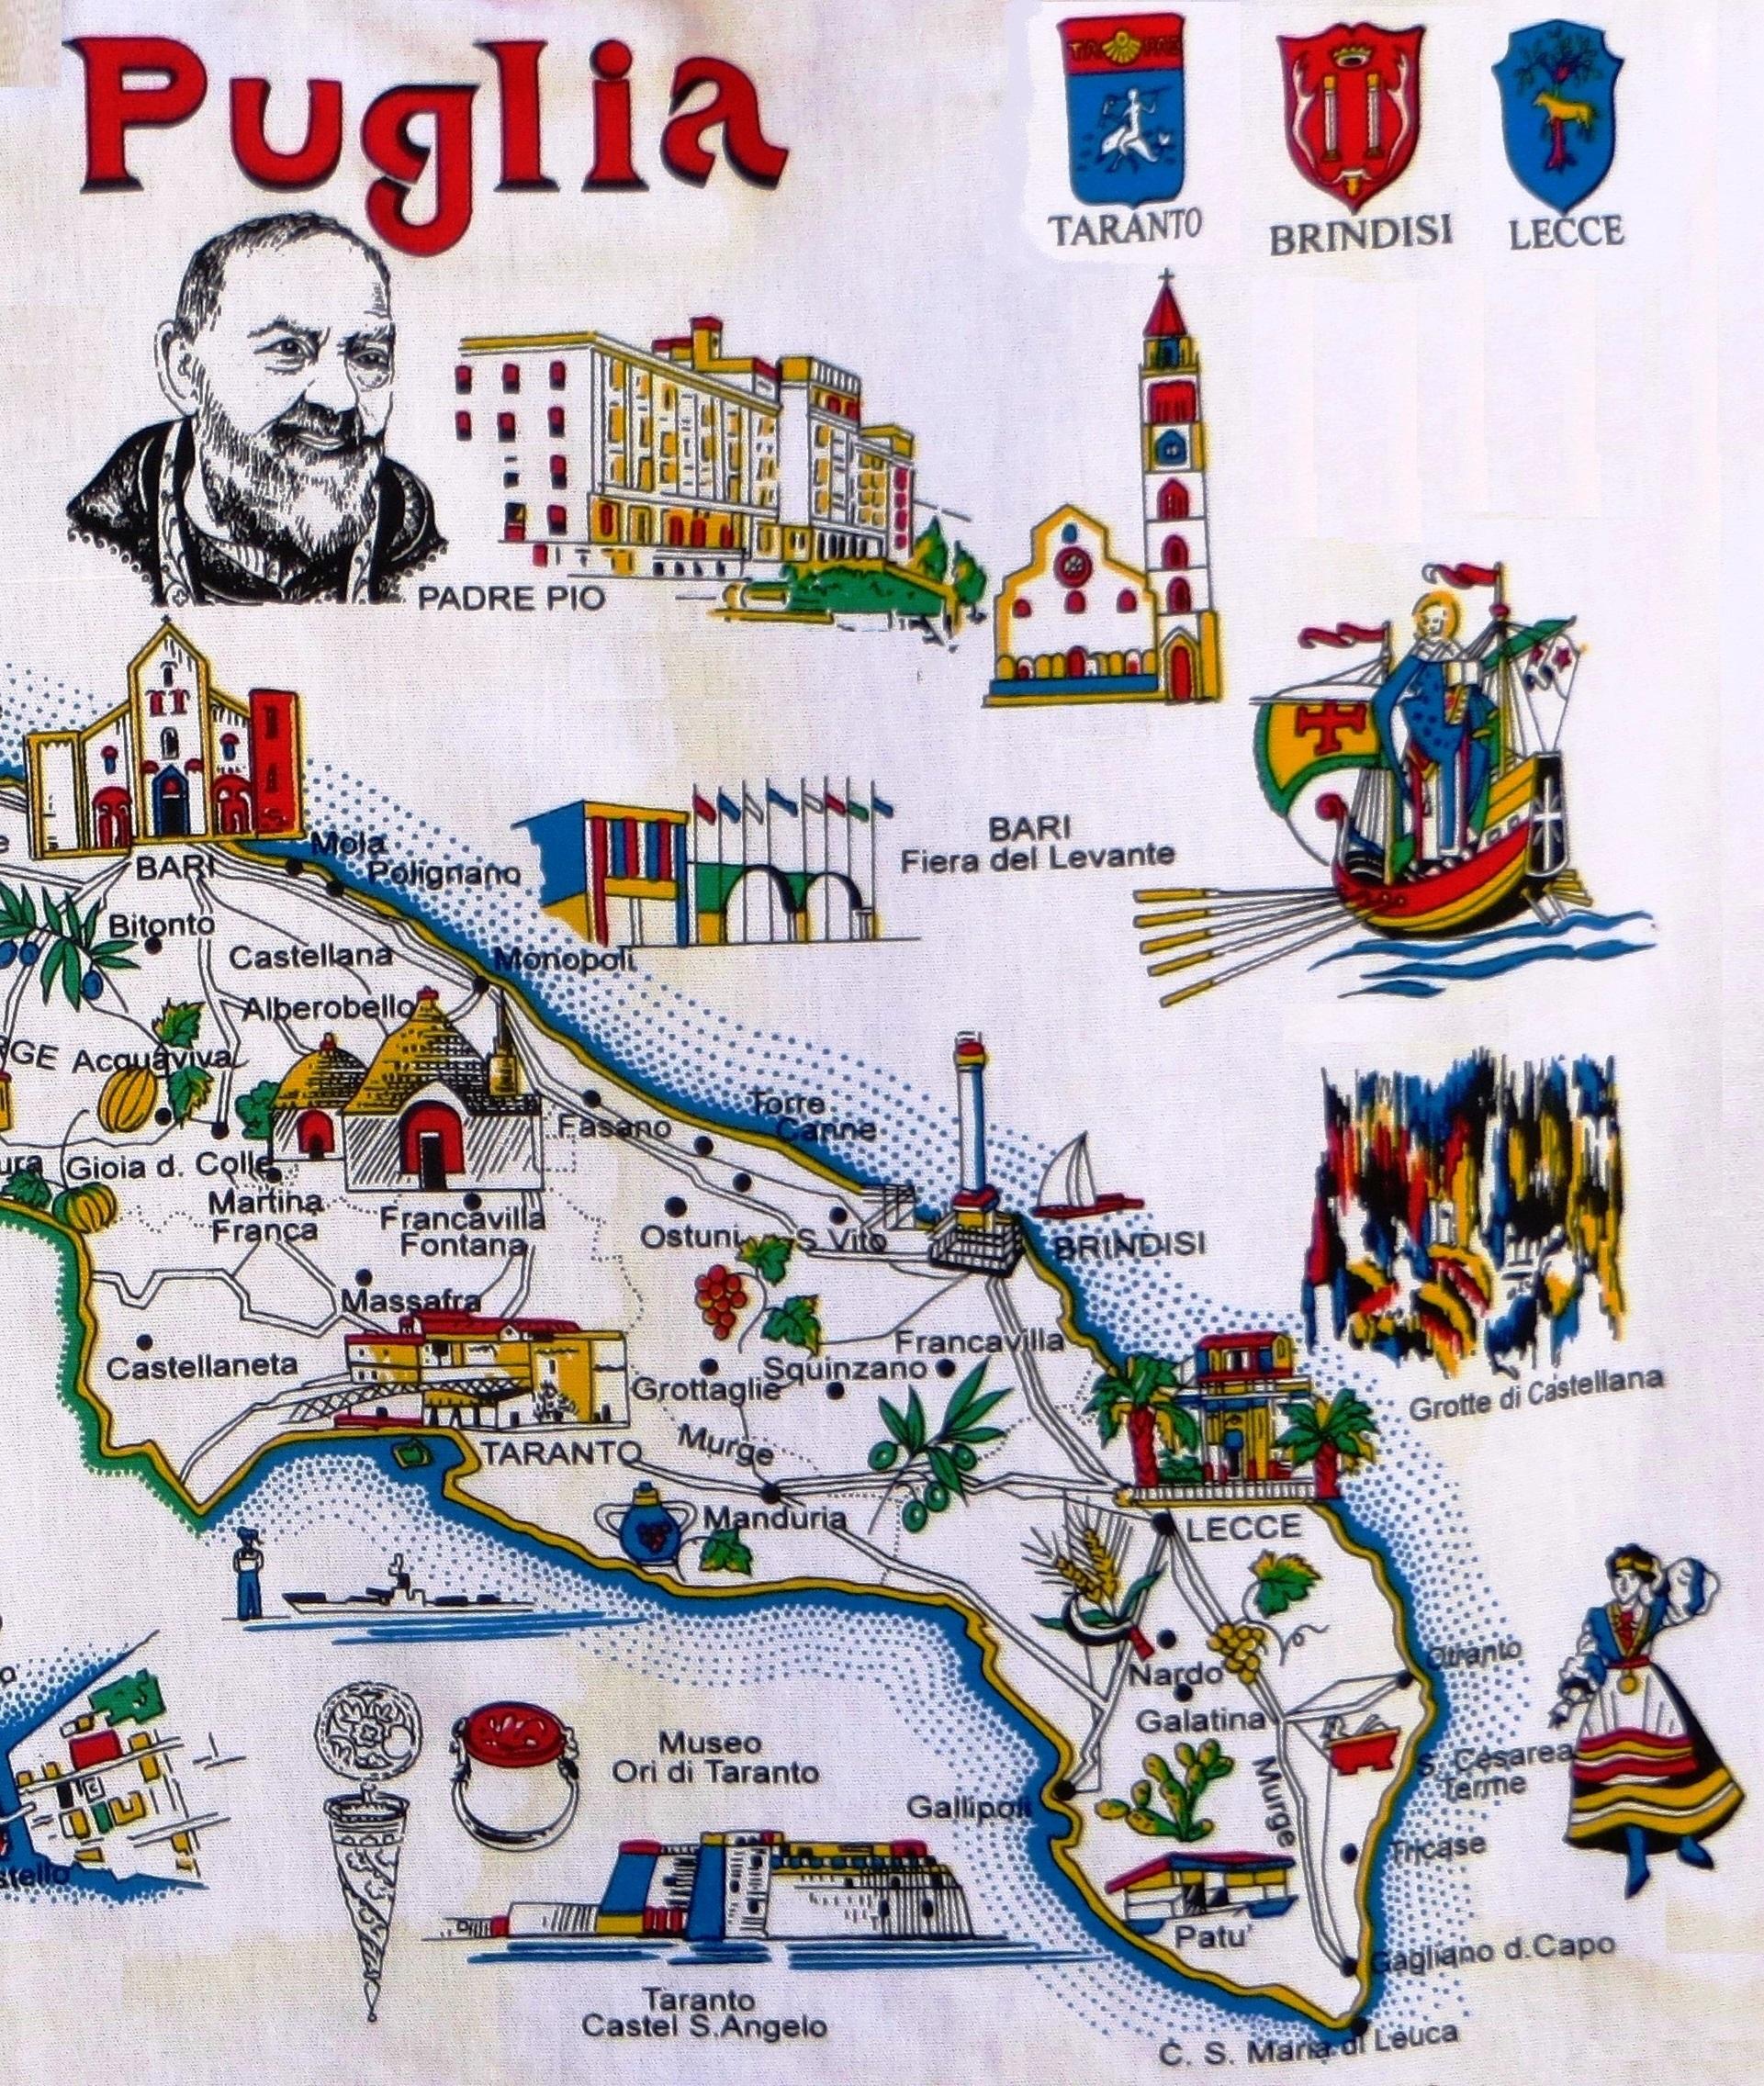 Italy And Puglia Polignano To Lecce Have Bag Will Travel